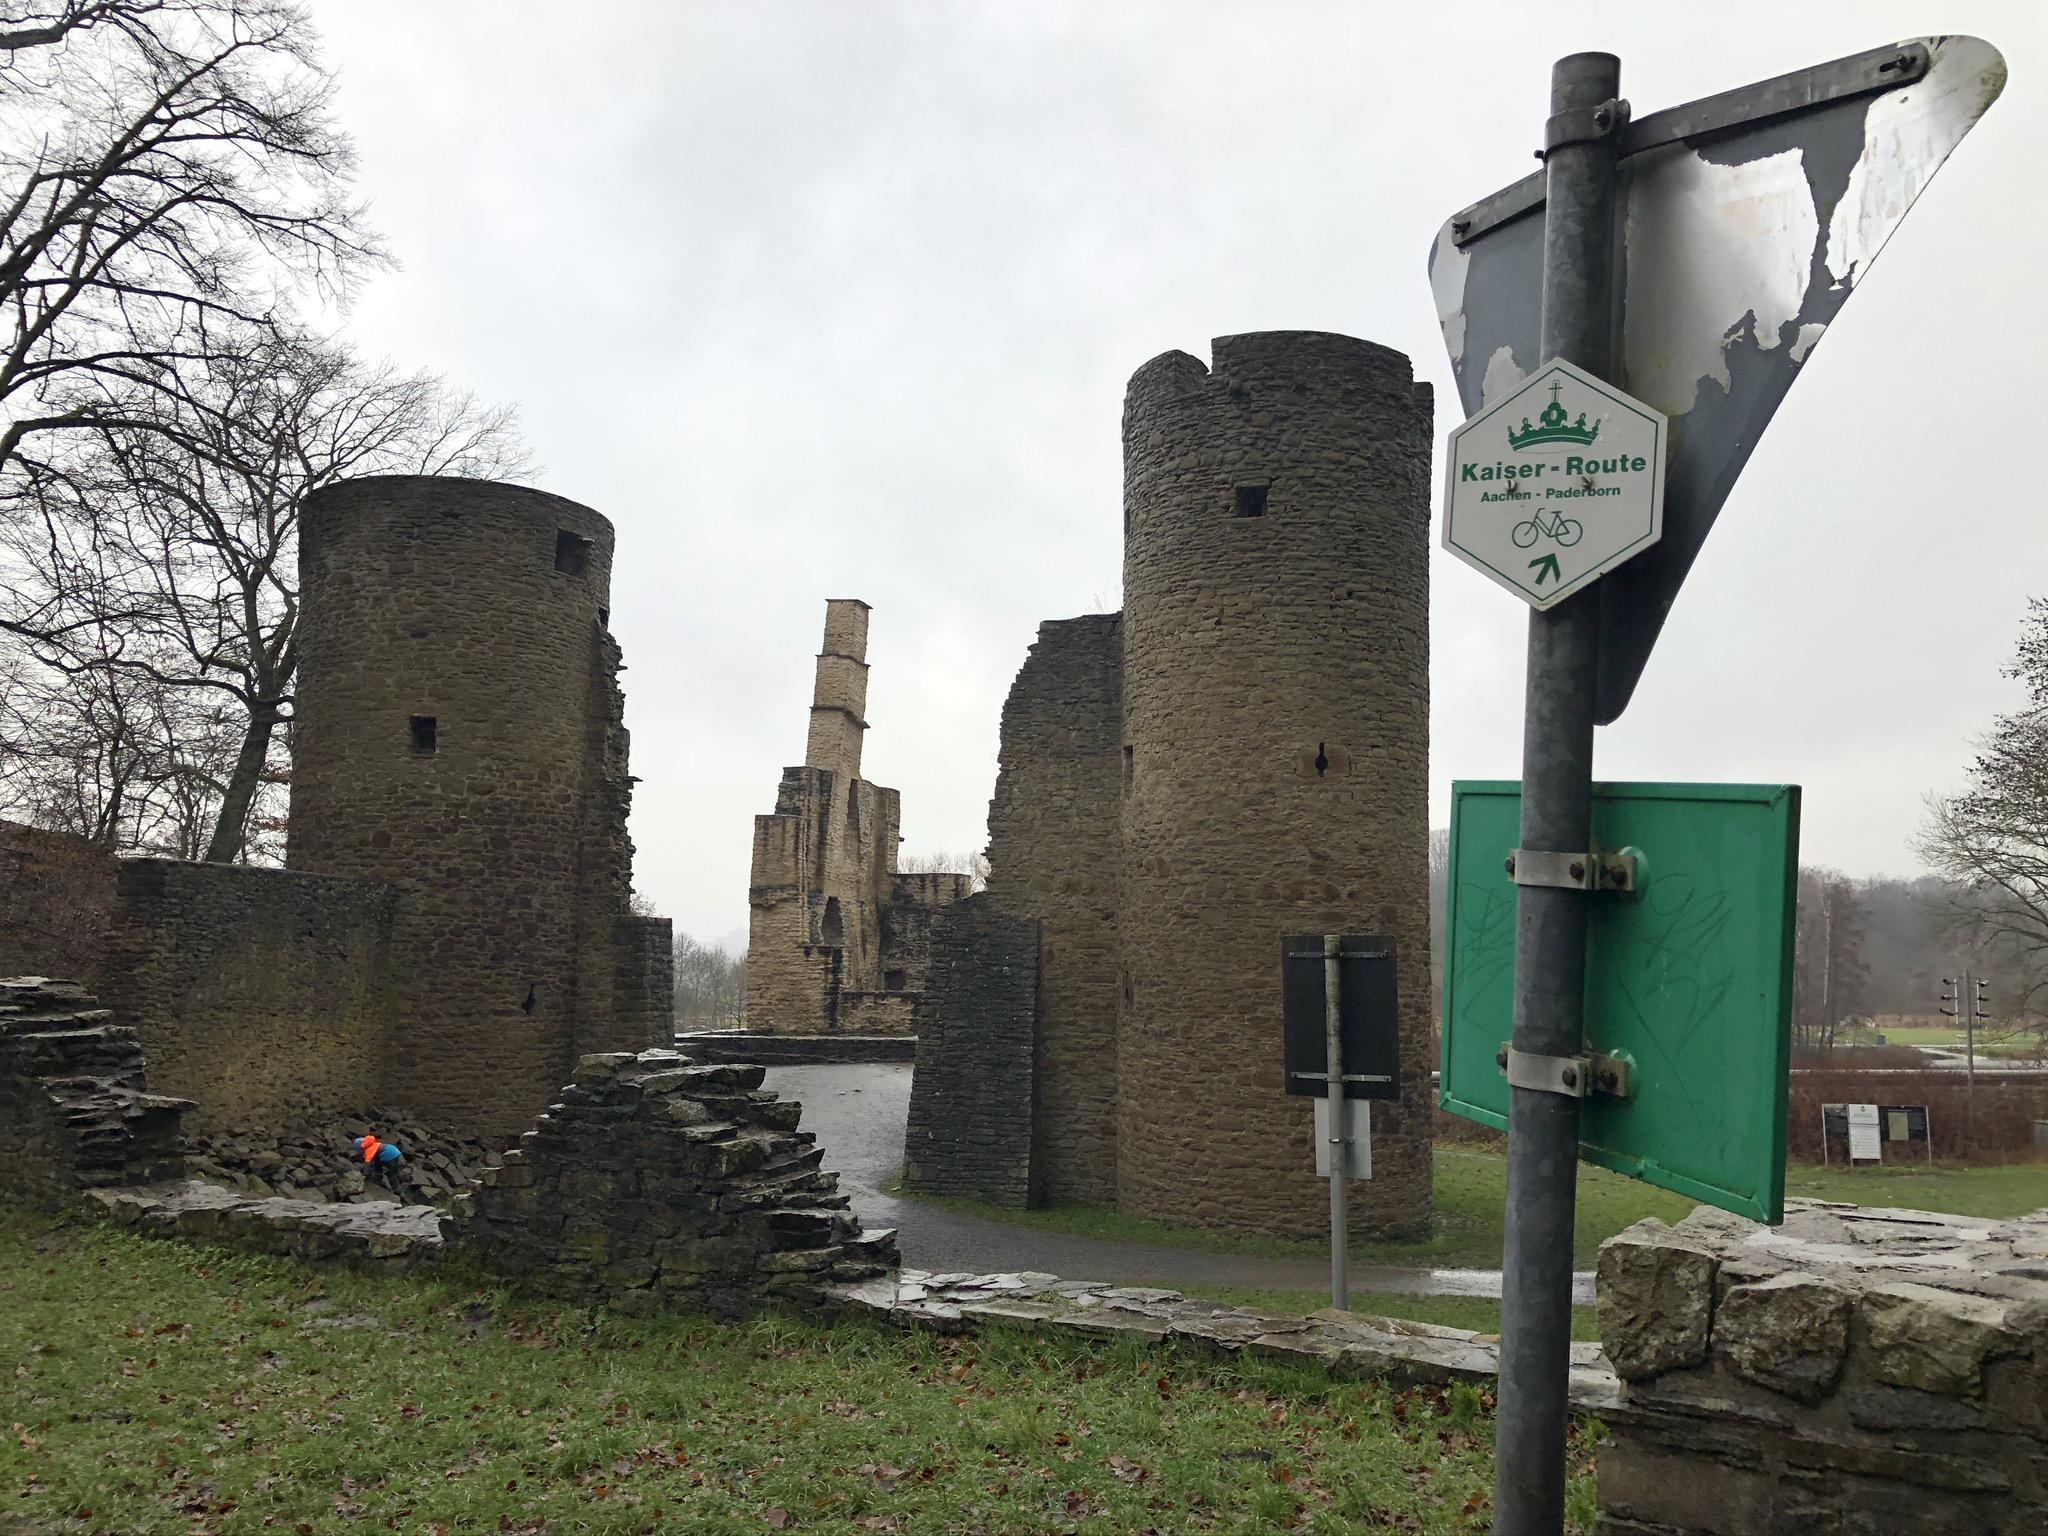 Blick auf die Burgruine Hardenstein in Witten im Ruhrgebiet